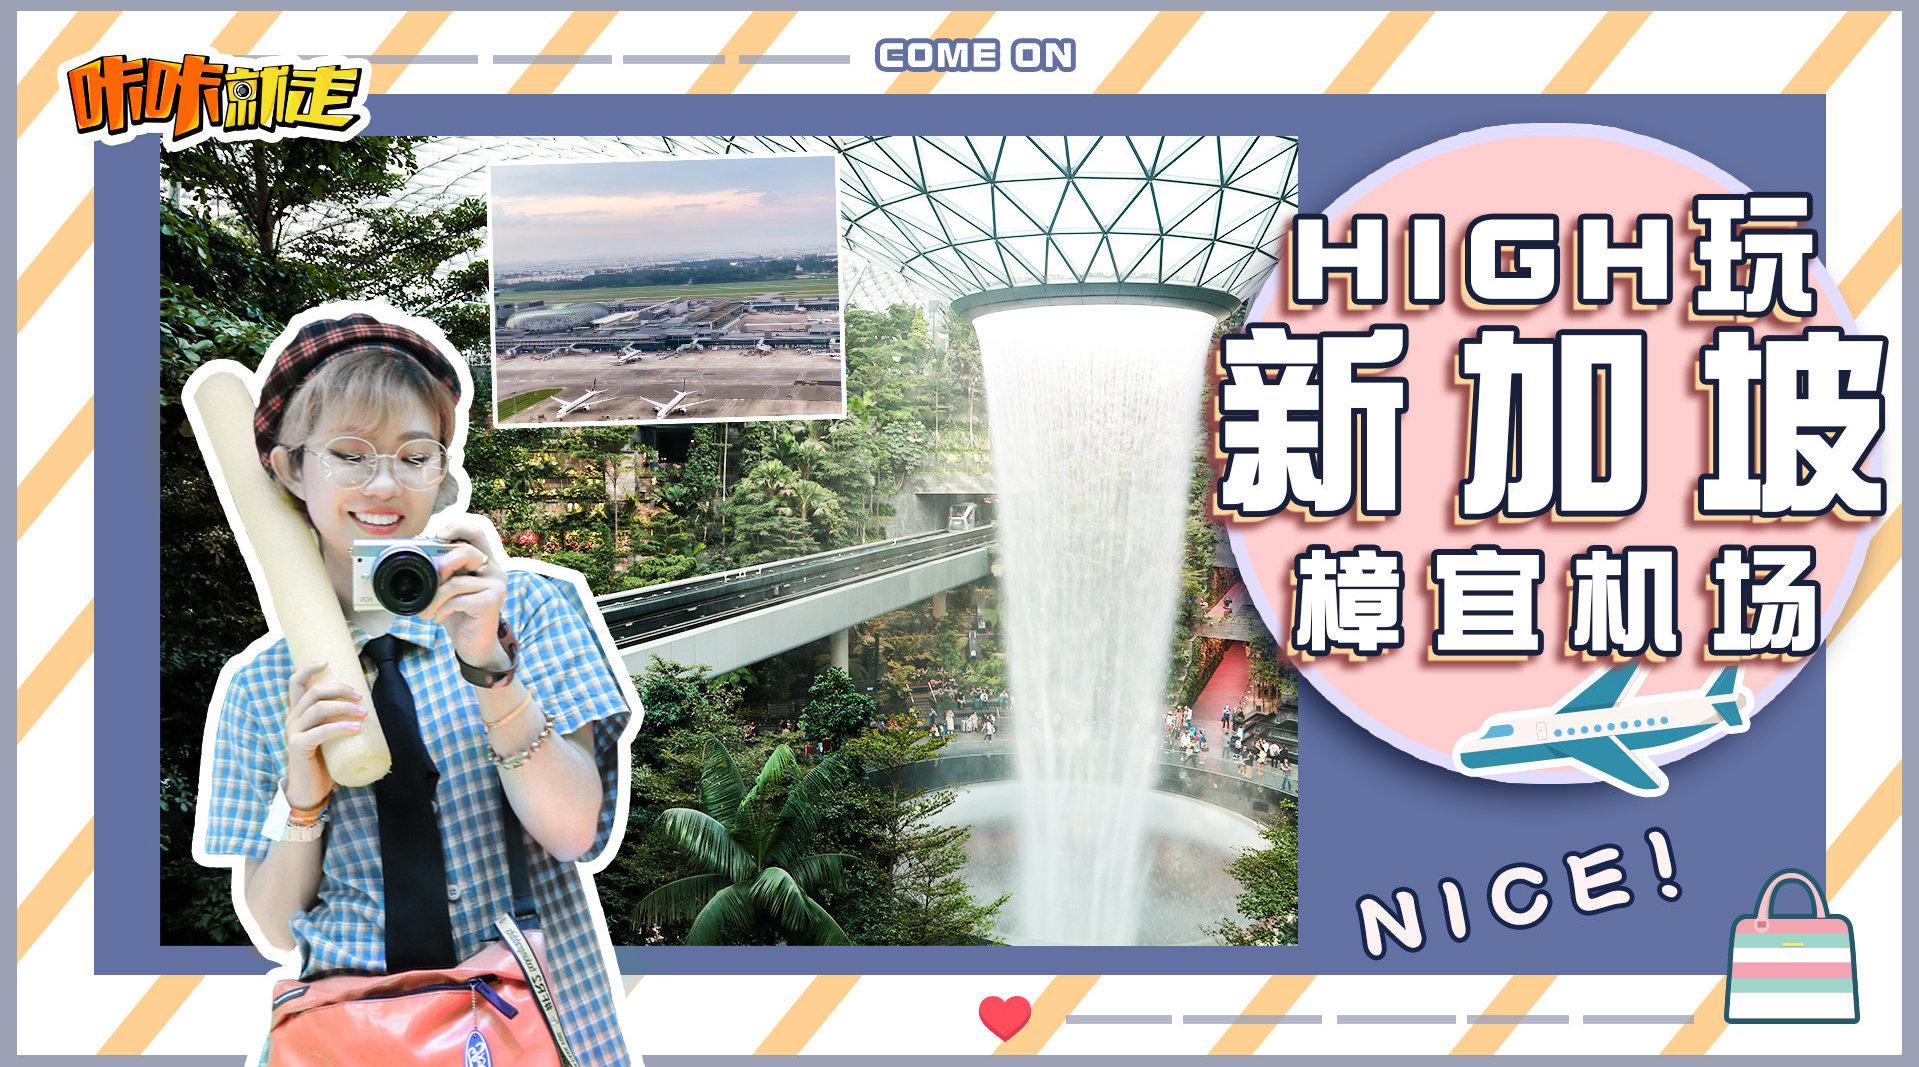 去新加坡旅行,光是在樟宜机场就已经玩High啦